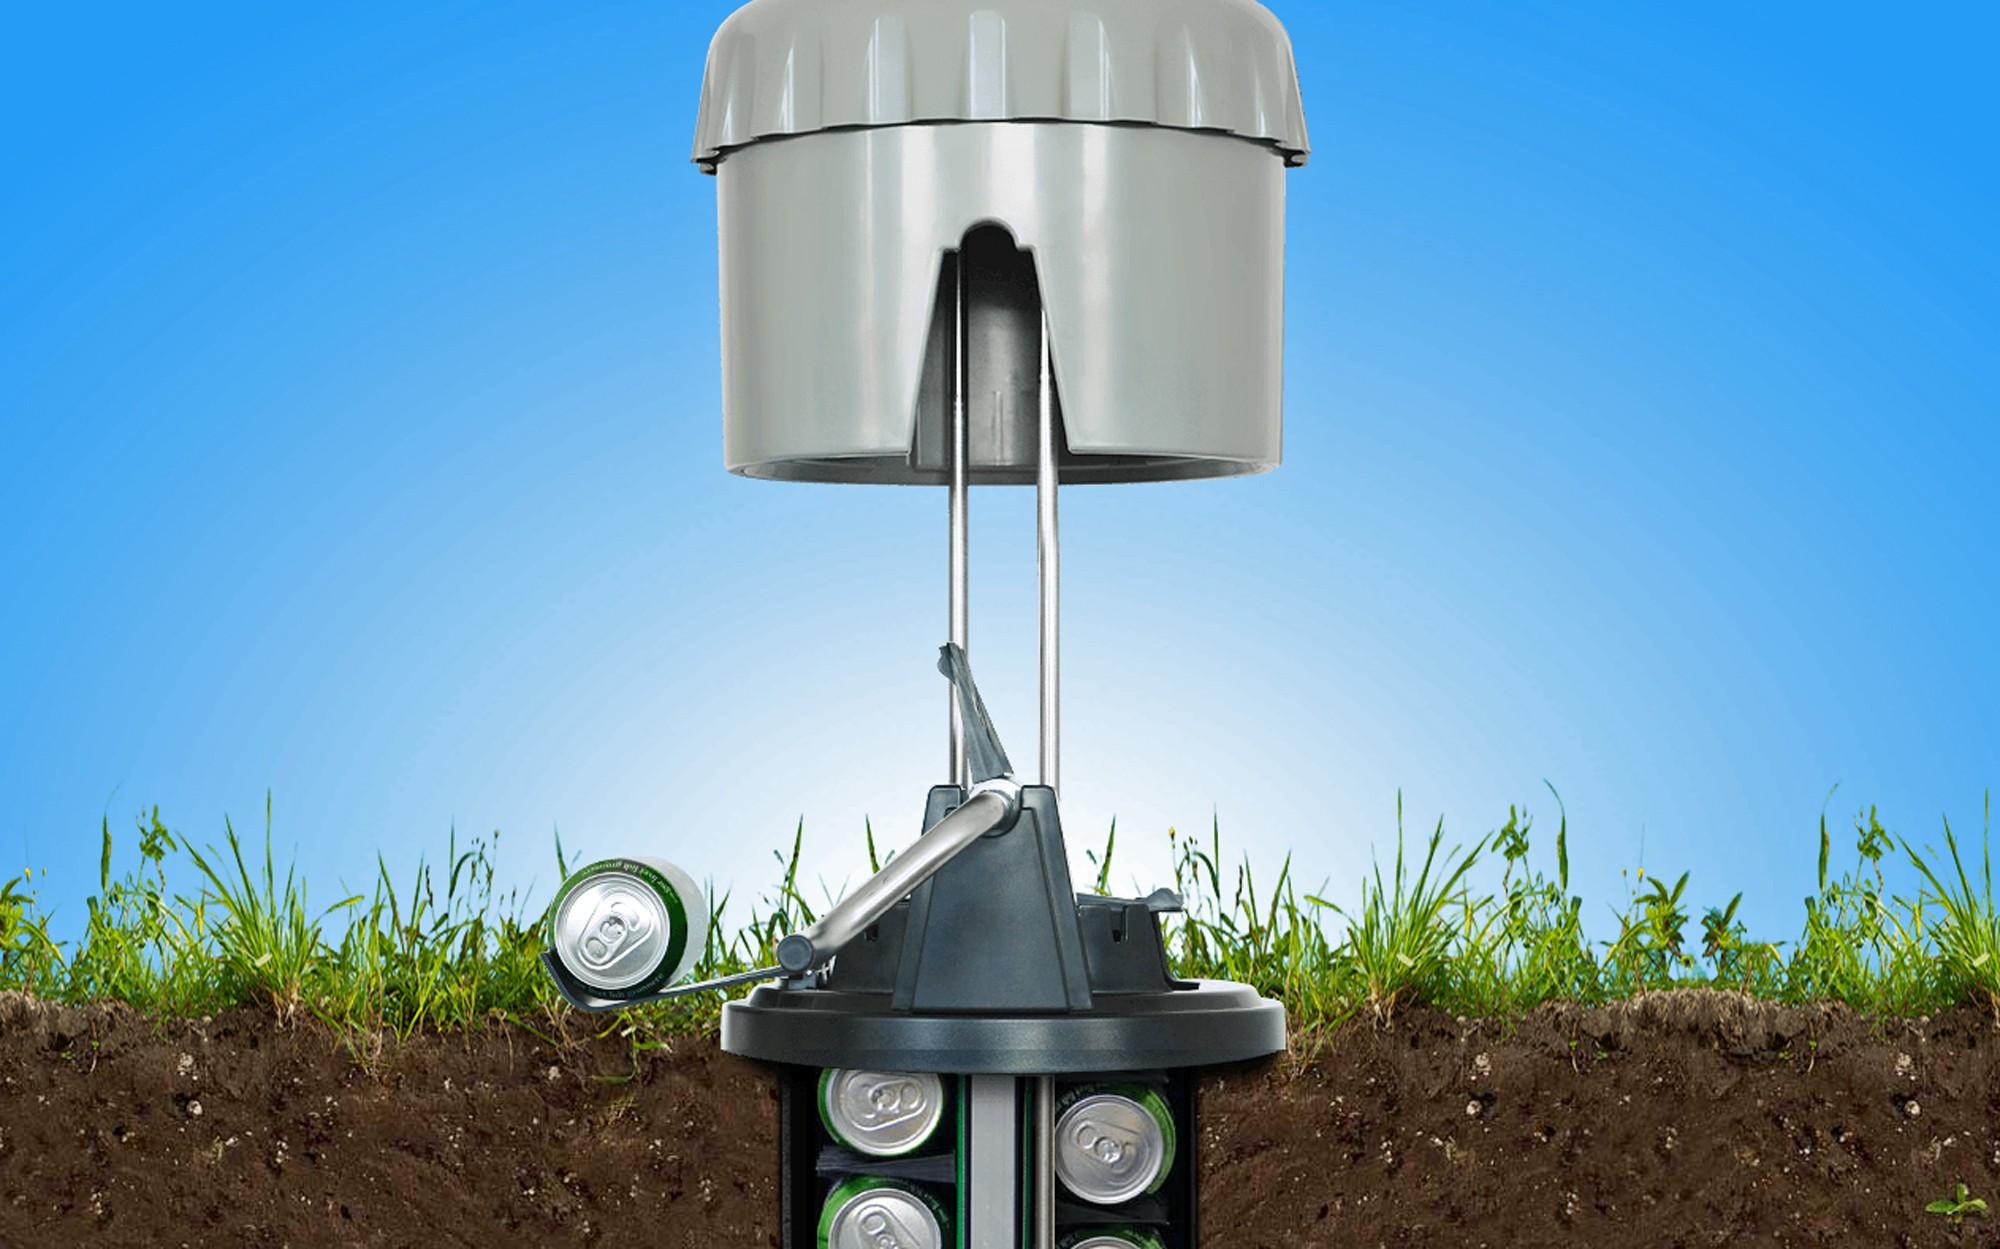 El eCool es la forma más simple de enfriar unas latas de cerveza o refresco sin usar energía